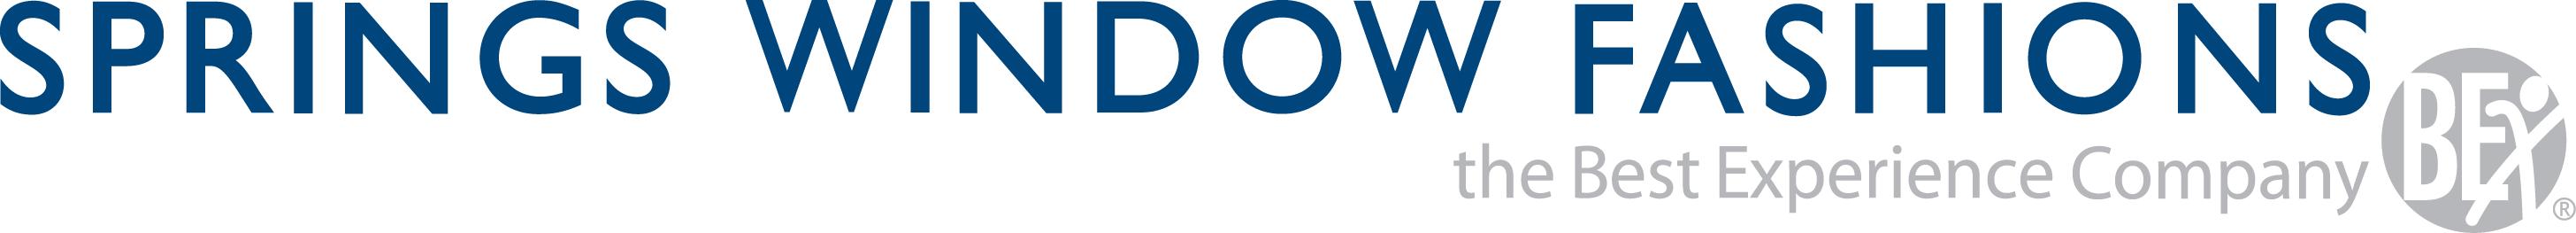 swf_logo_horizontal_lg